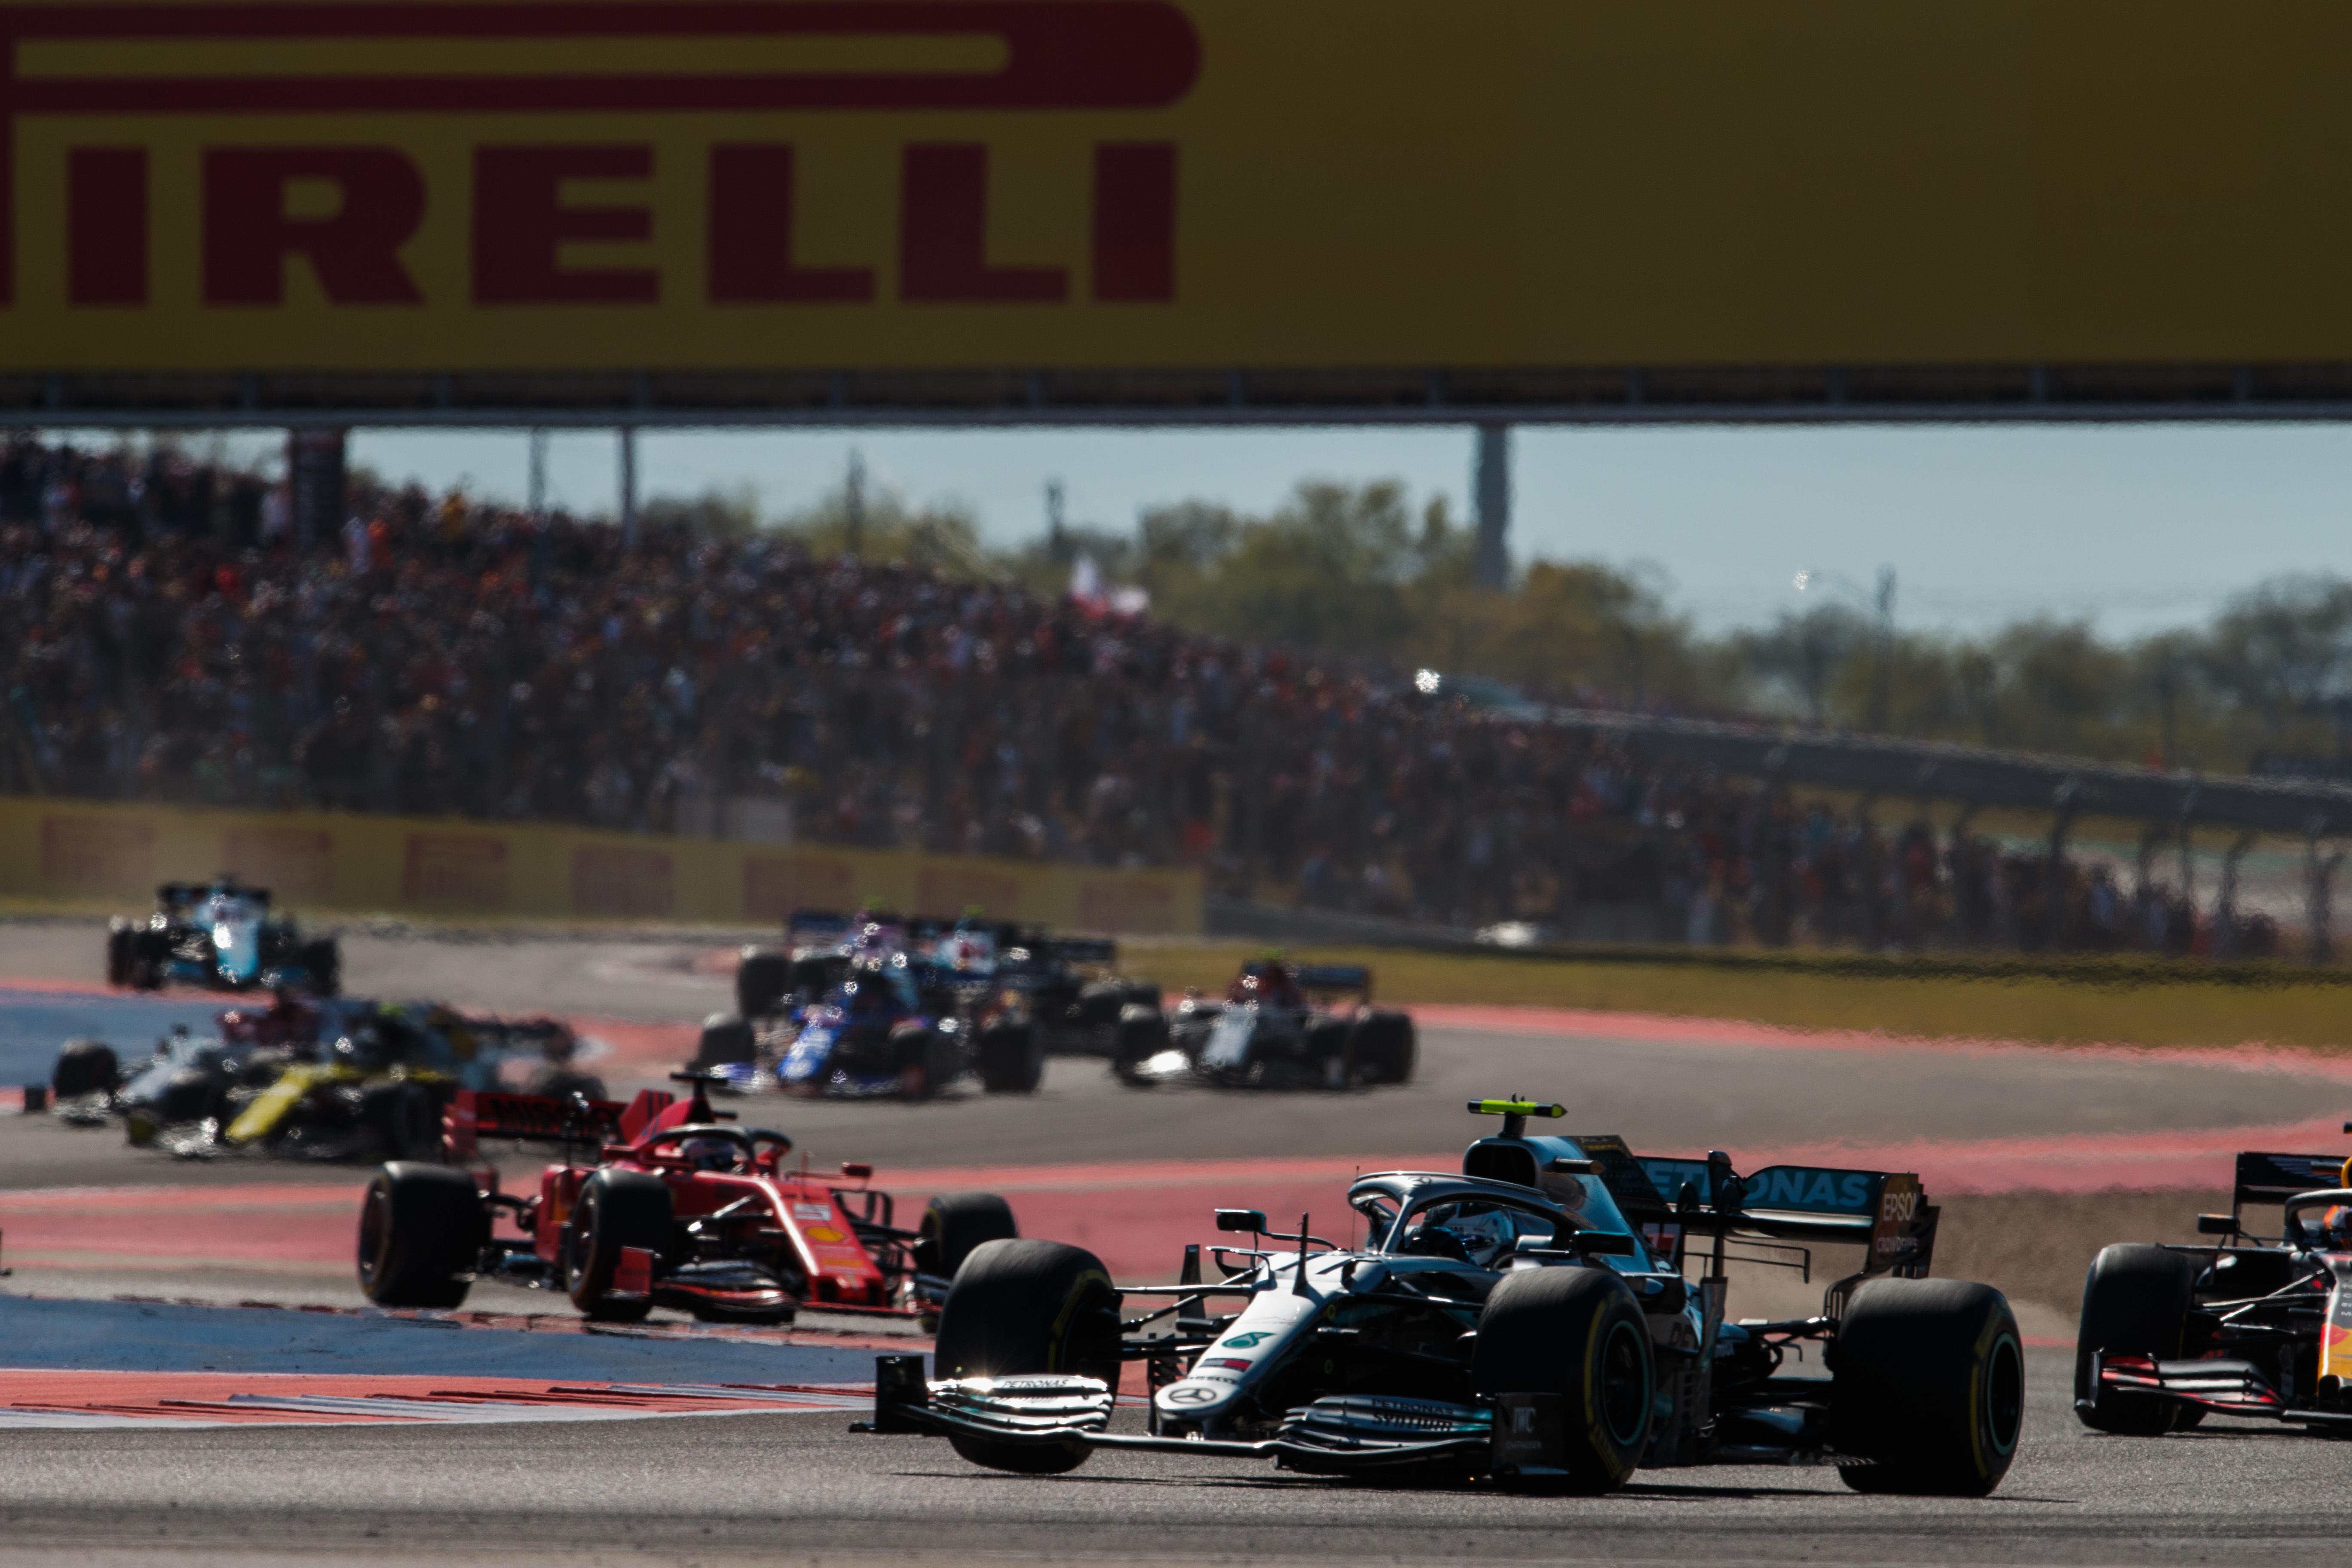 Már tényként kezelik: idén kihagyja Amerikát az F1, így fest az október